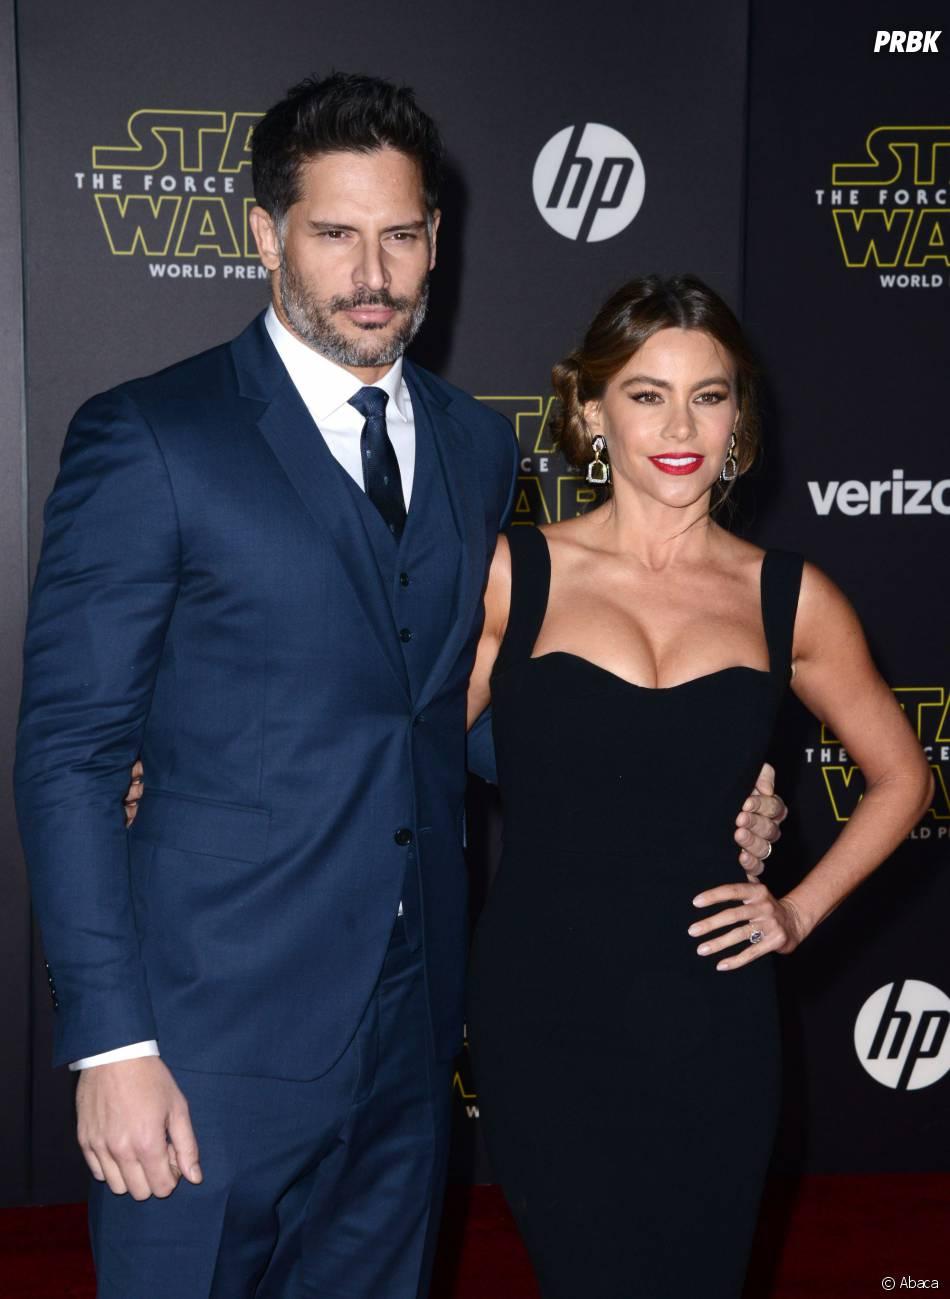 Sofia Vergara et Joe Manganiello à l'avant-première de Star Wars 7, le 14 décembre 2015 à Los Angeles